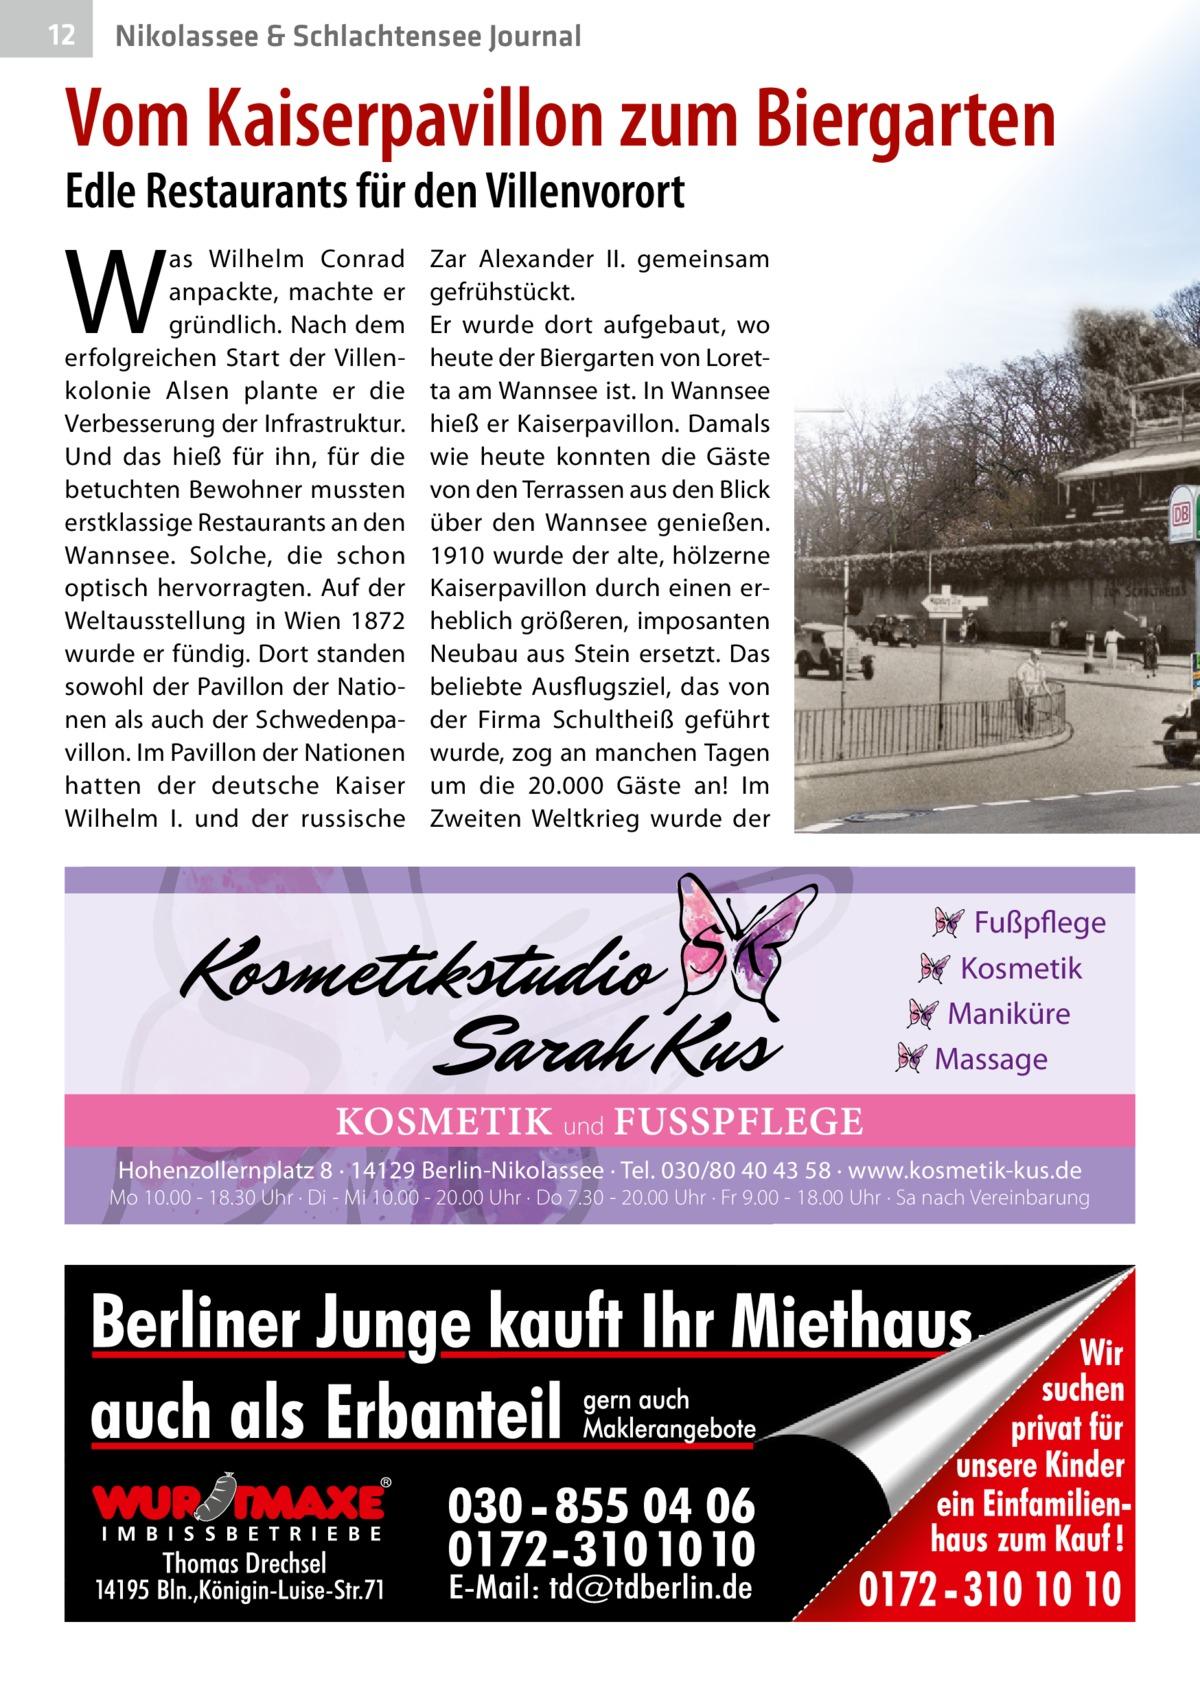 12  Nikolassee & Schlachtensee Journal  Vom Kaiserpavillon zum Biergarten Edle Restaurants für den Villenvorort  W  as Wilhelm Conrad anpackte, machte er gründlich. Nach dem erfolgreichen Start der Villenkolonie Alsen plante er die Verbesserung der Infrastruktur. Und das hieß für ihn, für die betuchten Bewohner mussten erstklassige Restaurants an den Wannsee. Solche, die schon optisch hervorragten. Auf der Weltausstellung in Wien 1872 wurde er fündig. Dort standen sowohl der Pavillon der Nationen als auch der Schwedenpavillon. Im Pavillon der Nationen hatten der deutsche Kaiser Wilhelm I. und der russische  Zar Alexander II. gemeinsam gefrühstückt. Er wurde dort aufgebaut, wo heute der Biergarten von Loretta am Wannsee ist. In Wannsee hieß er Kaiserpavillon. Damals wie heute konnten die Gäste von den Terrassen aus den Blick über den Wannsee genießen. 1910 wurde der alte, hölzerne Kaiserpavillon durch einen erheblich größeren, imposanten Neubau aus Stein ersetzt. Das beliebte Ausflugsziel, das von der Firma Schultheiß geführt wurde, zog an manchen Tagen um die 20.000 Gäste an! Im Zweiten Weltkrieg wurde der  Fußpflege Kosmetik Maniküre Massage  KOSMETIK und FUSSPFLEGE Hohenzollernplatz 8 · 14129 Berlin-Nikolassee · Tel. 030/80 40 43 58 · www.kosmetik-kus.de  Mo 10.00 - 18.30 Uhr · Di - Mi 10.00 - 20.00 Uhr · Do 7.30 - 20.00 Uhr · Fr 9.00 - 18.00 Uhr · Sa nach Vereinbarung